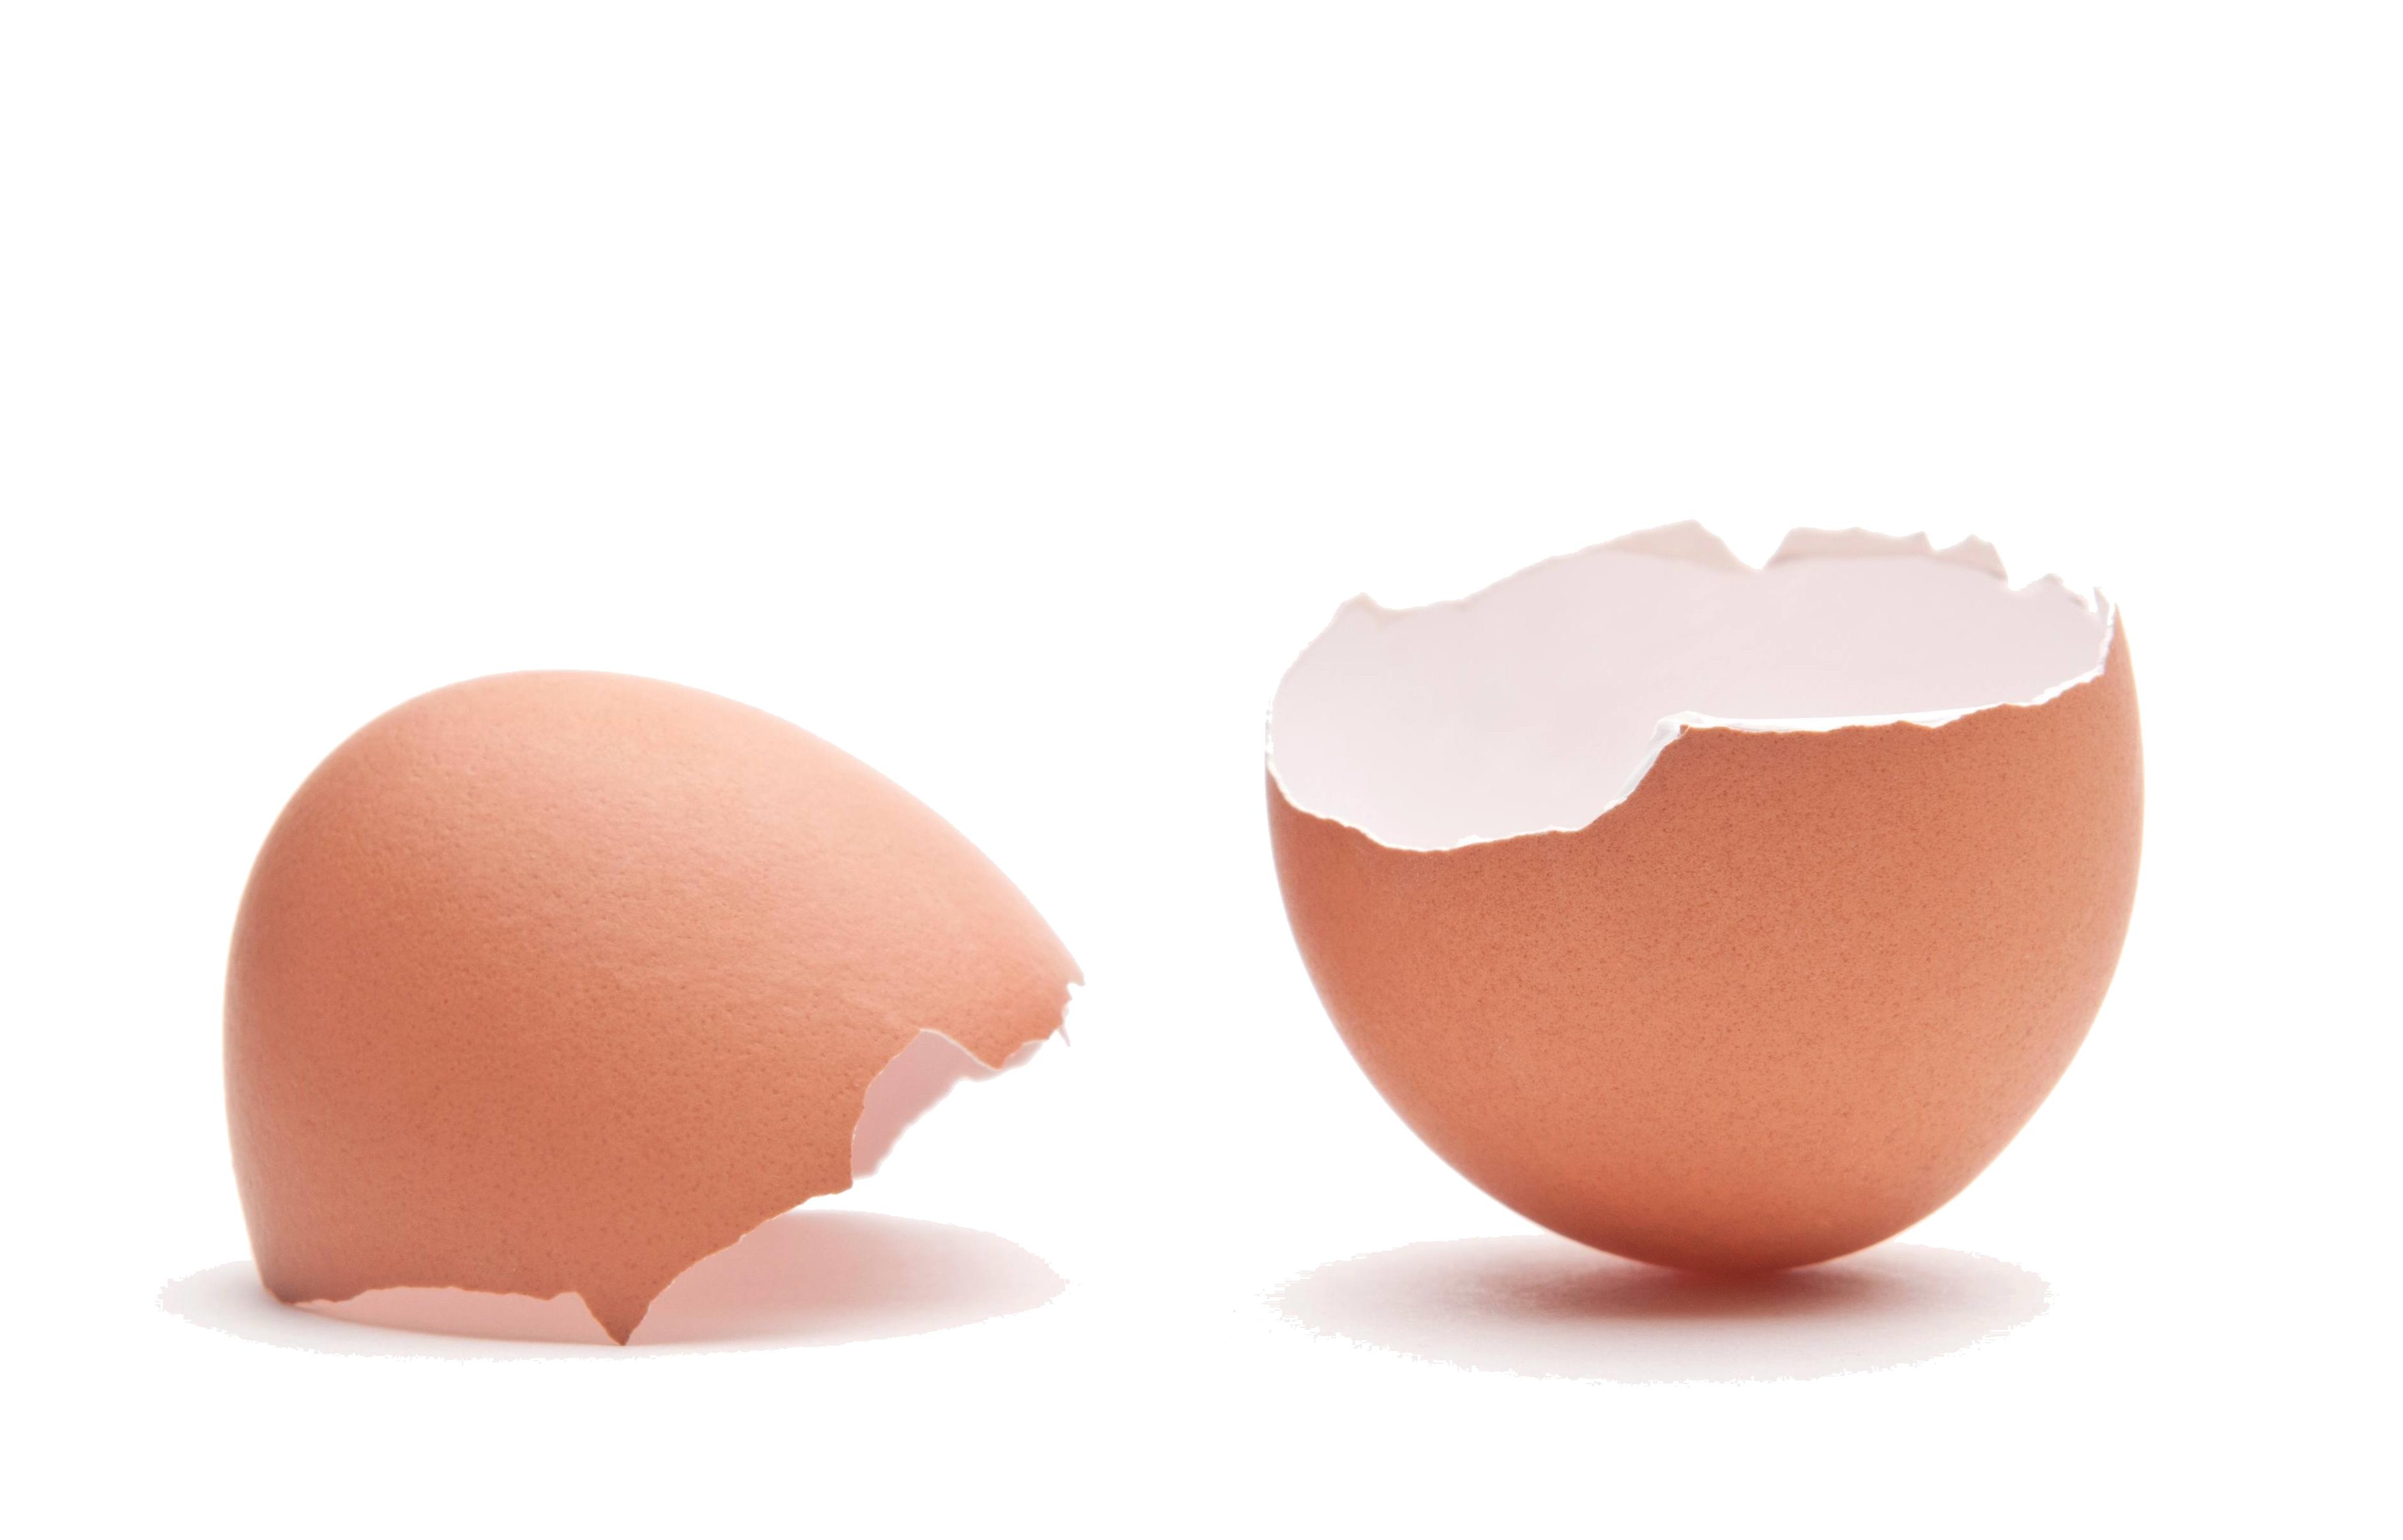 Egg Shell Calcium